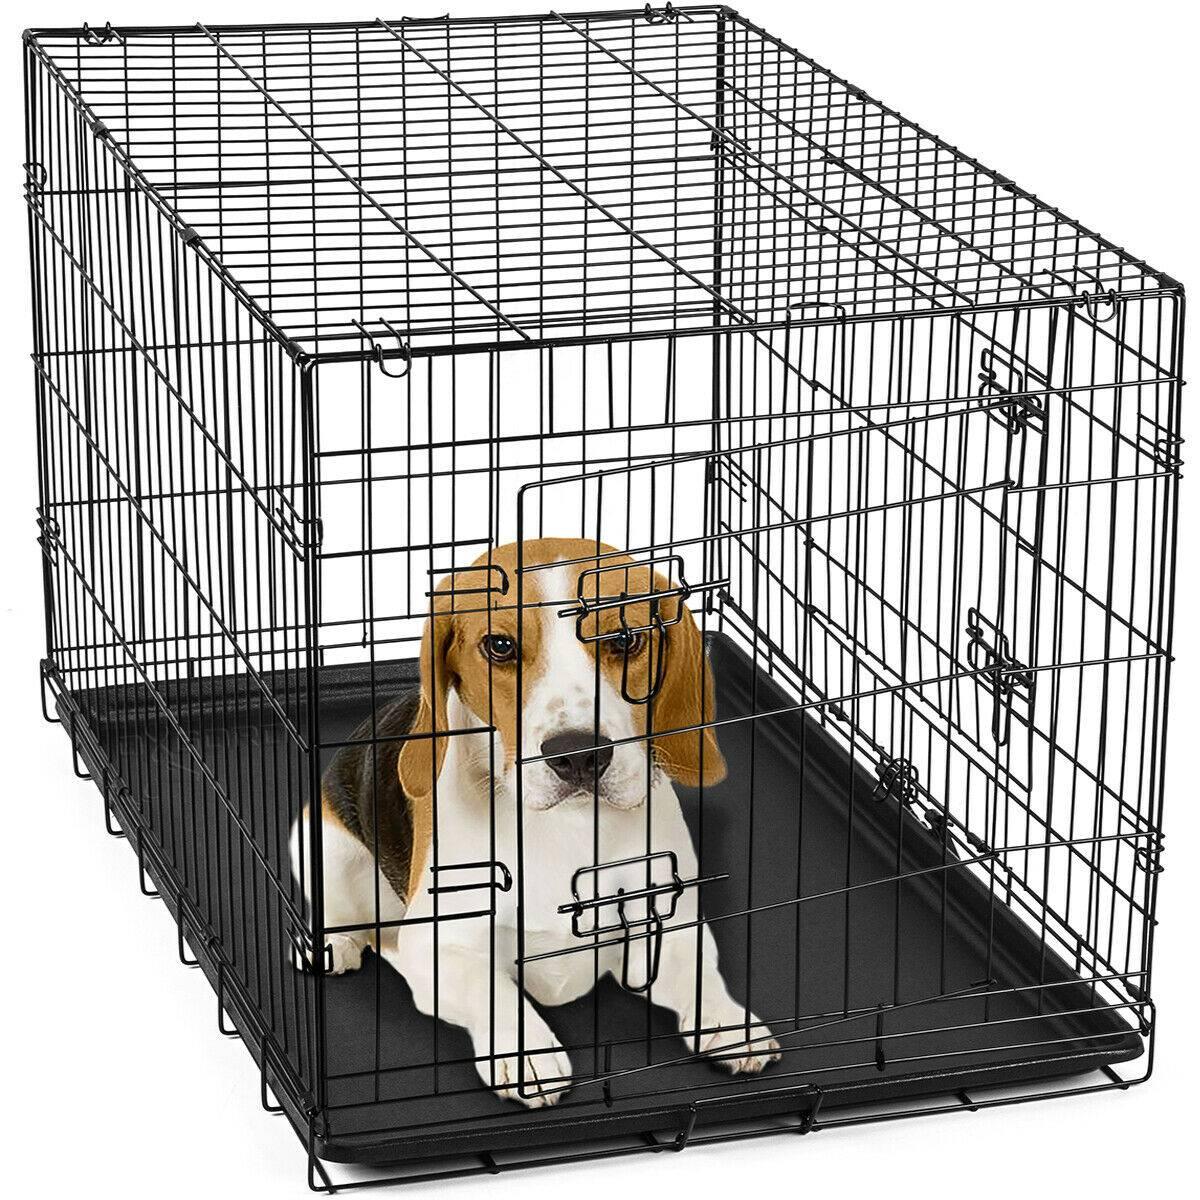 Правила содержания собак в квартире многоквартирного дома